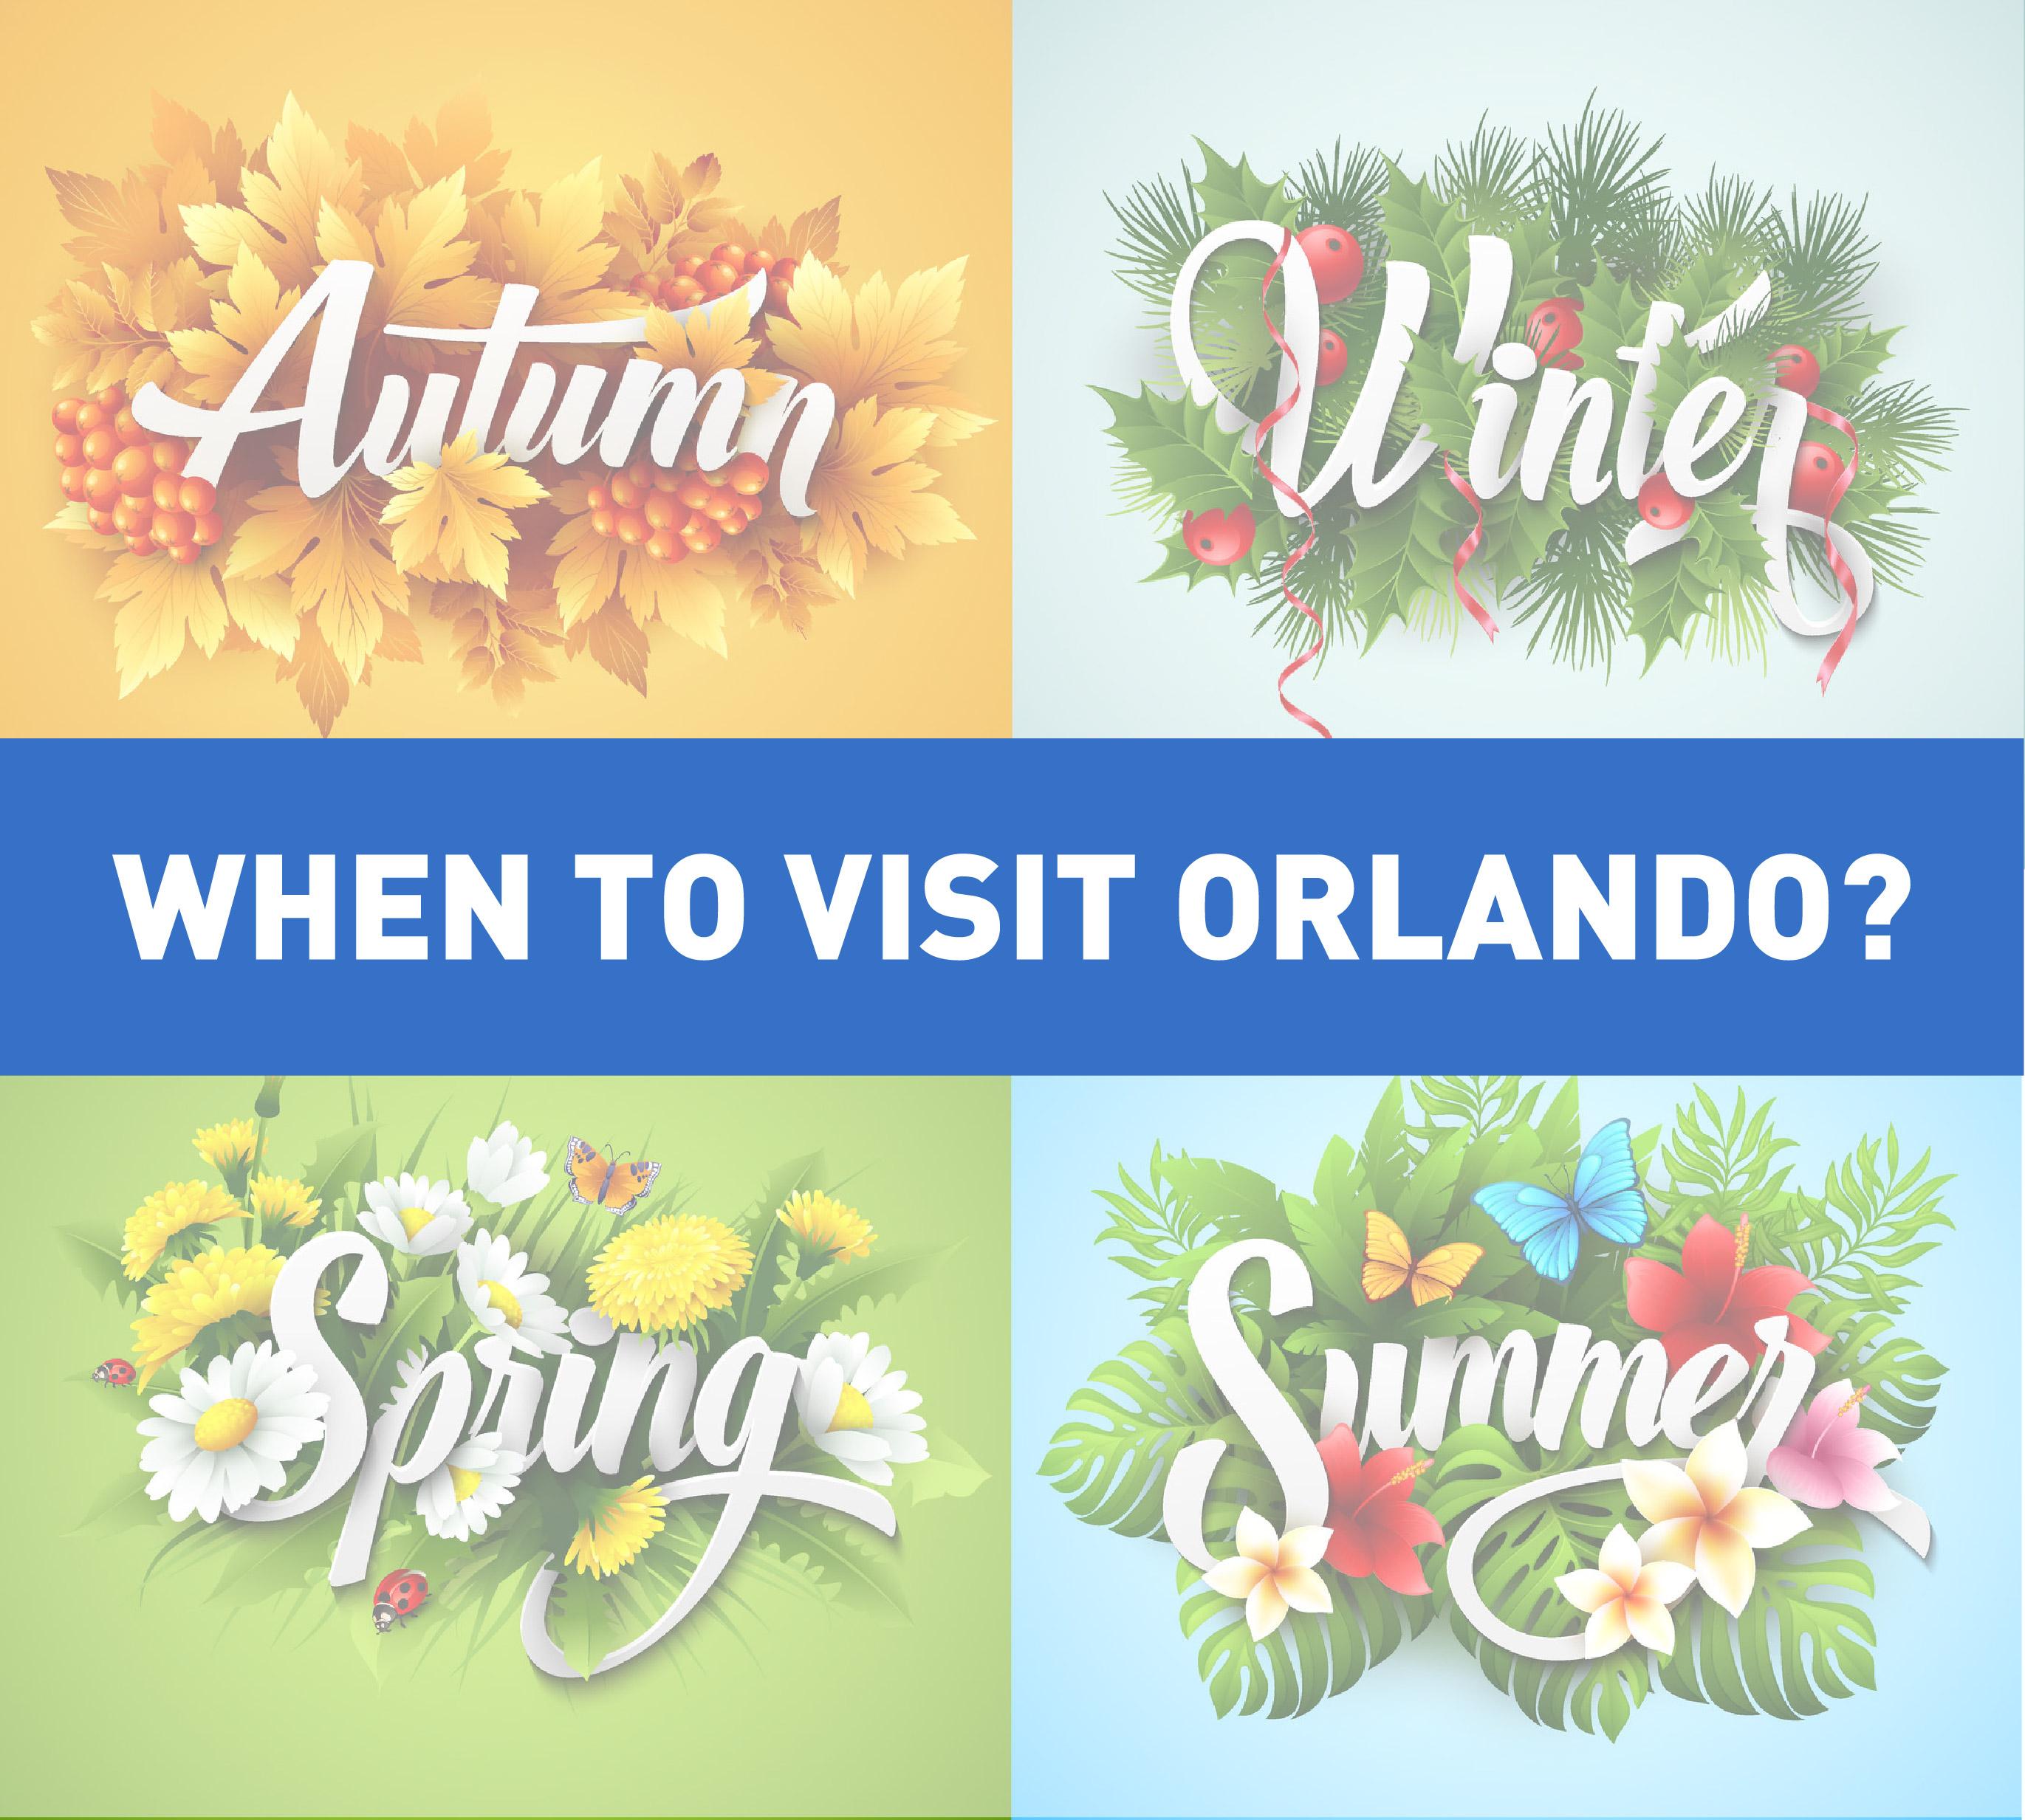 When to visit Orlando?